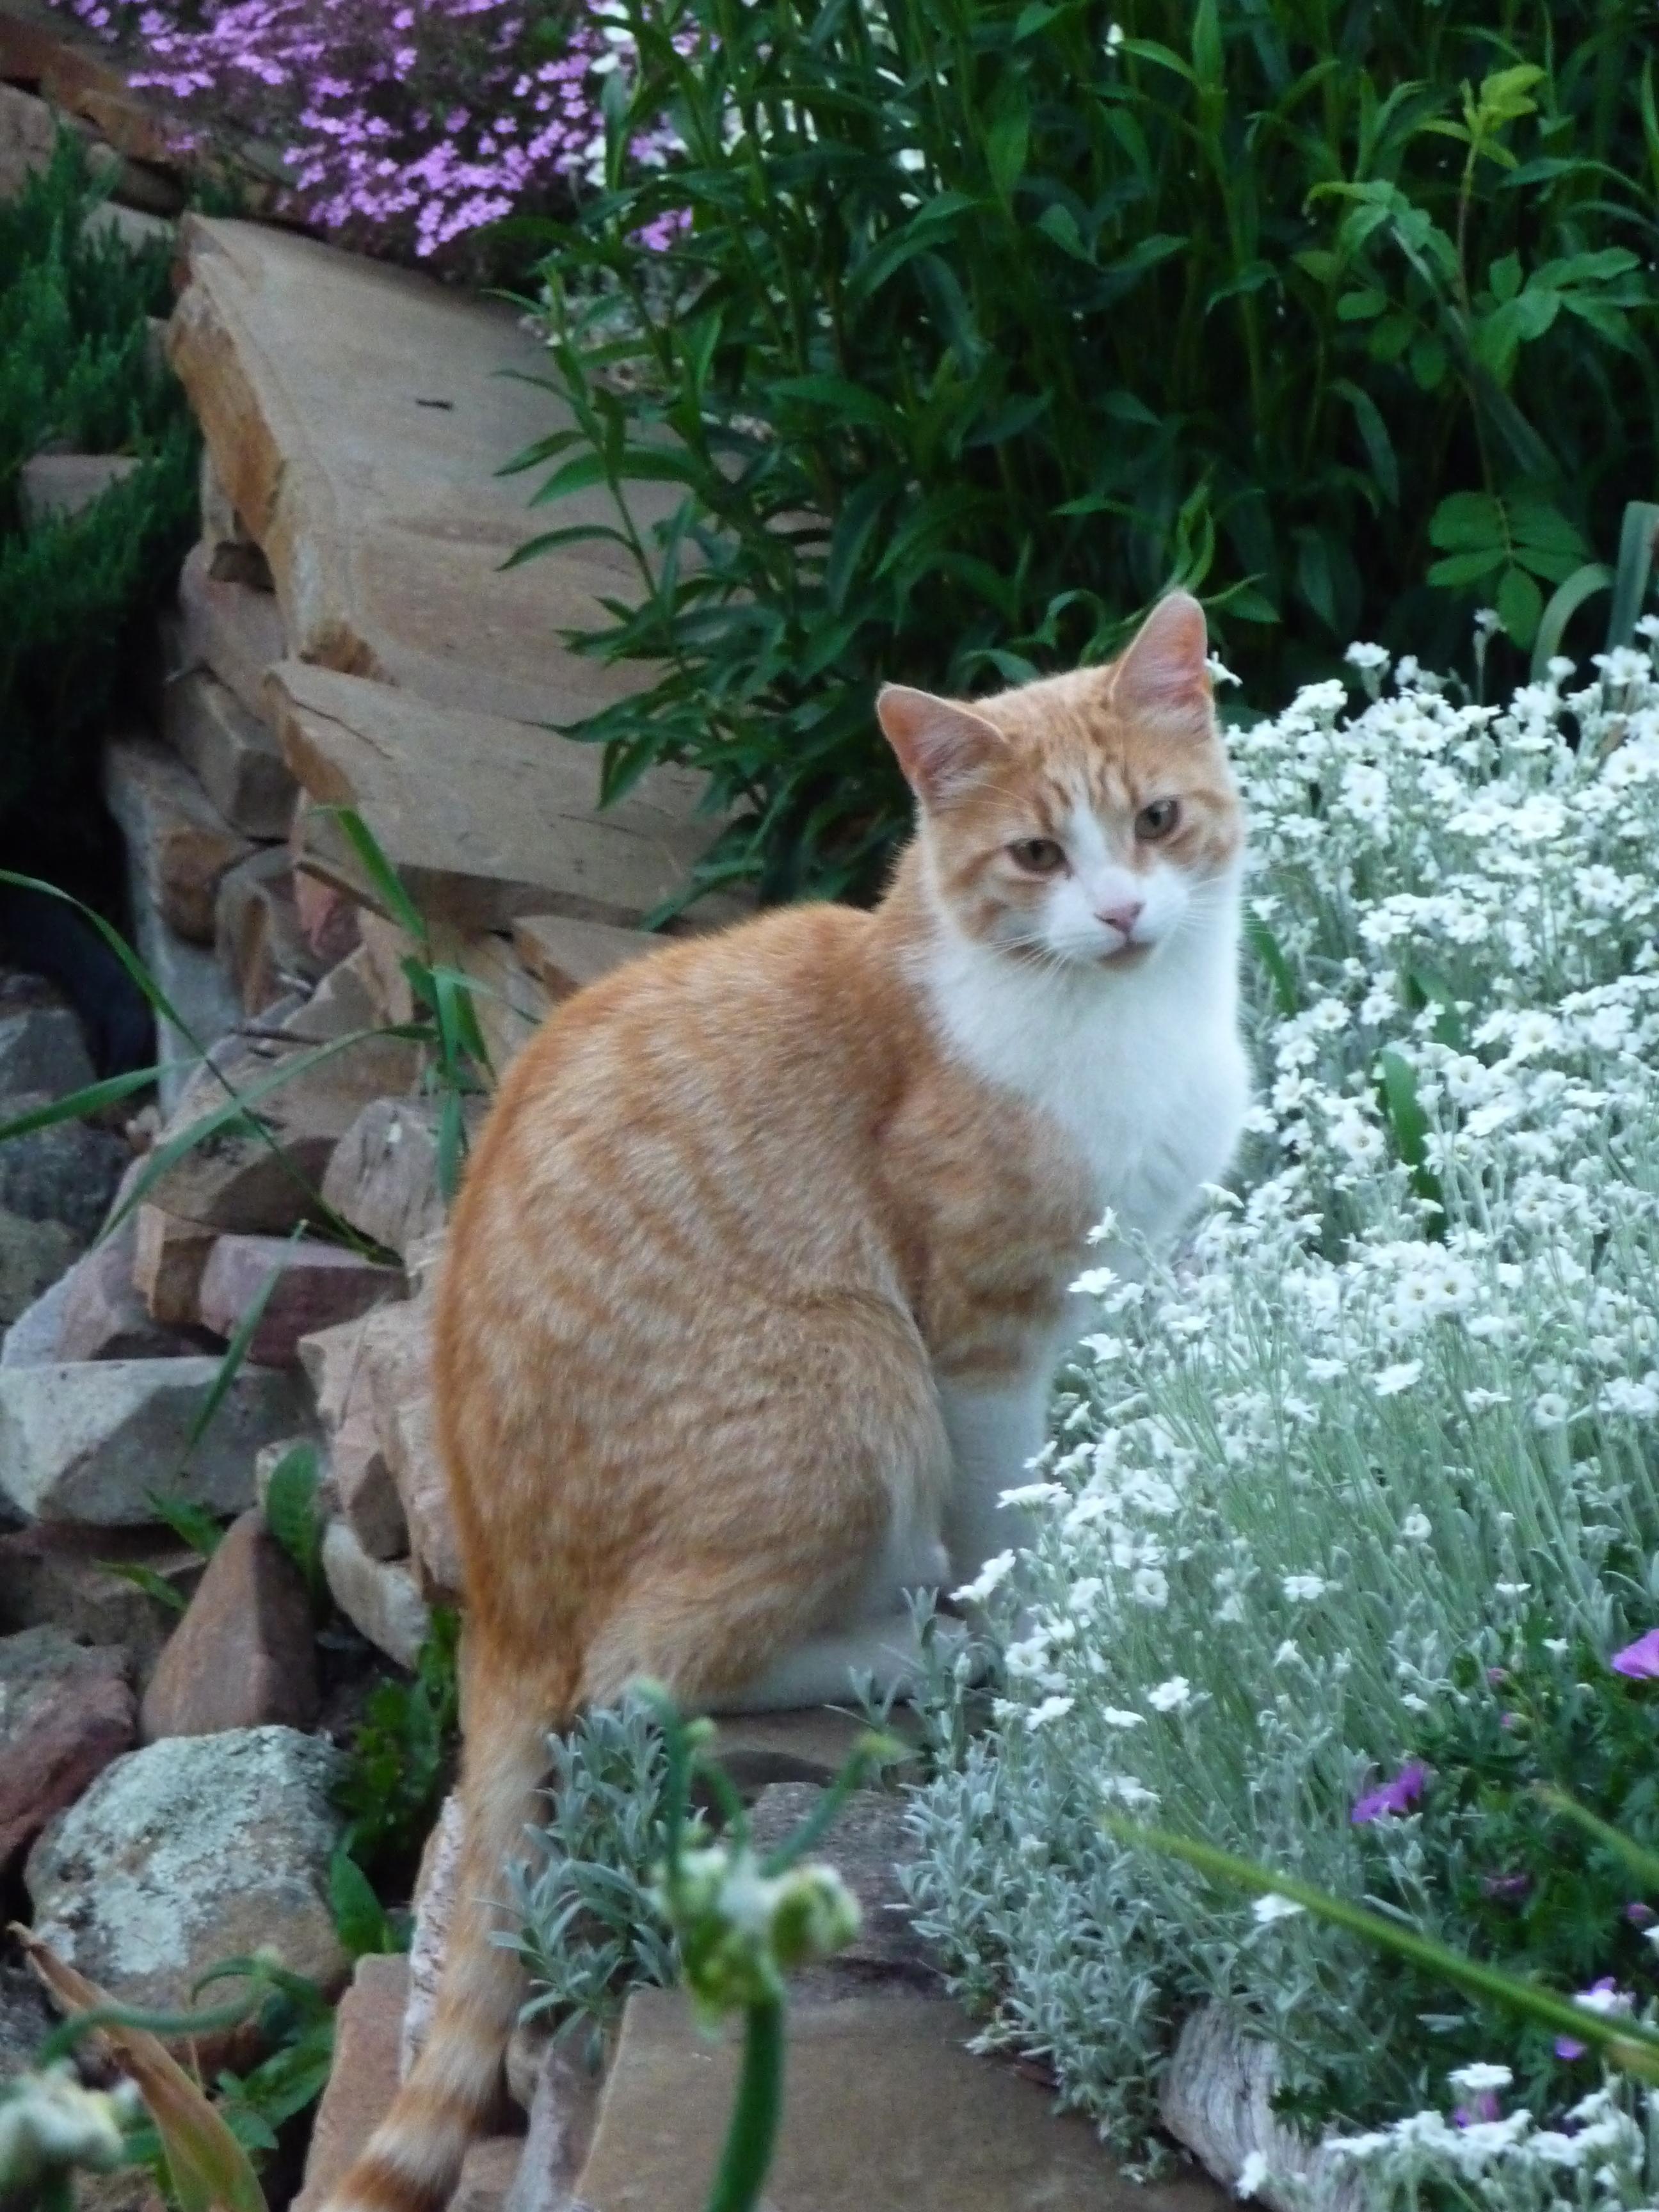 kitty in flowers